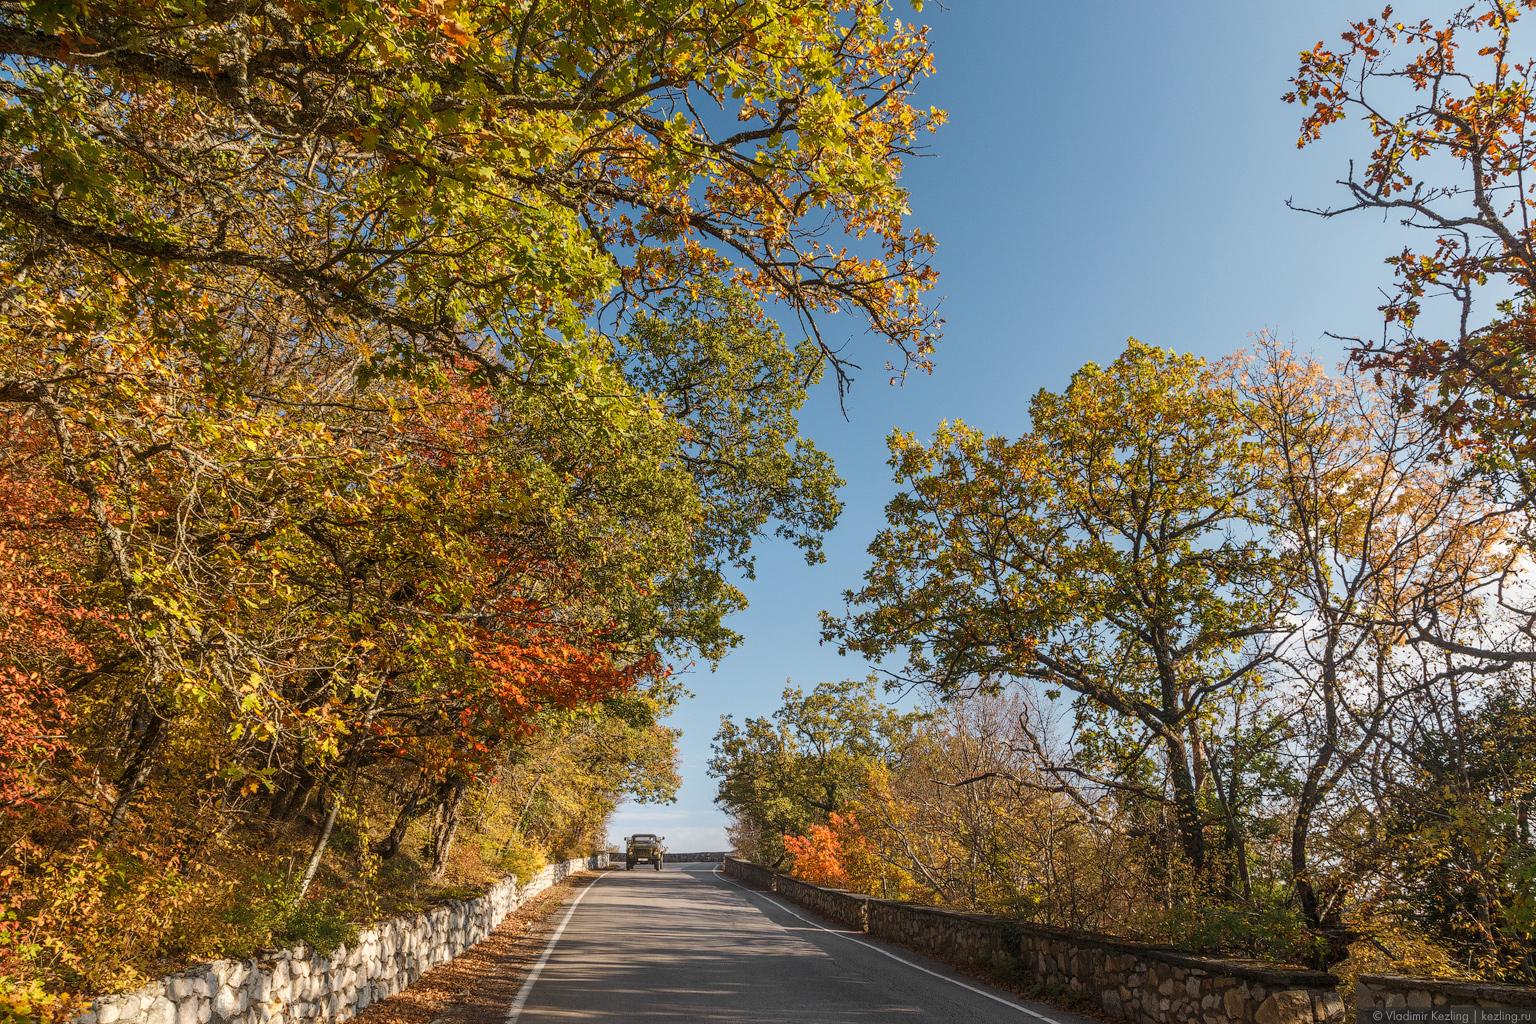 И снова Крым. Старая севастопольская дорога — исторический путь из Севастополя на Южный берег Крыма